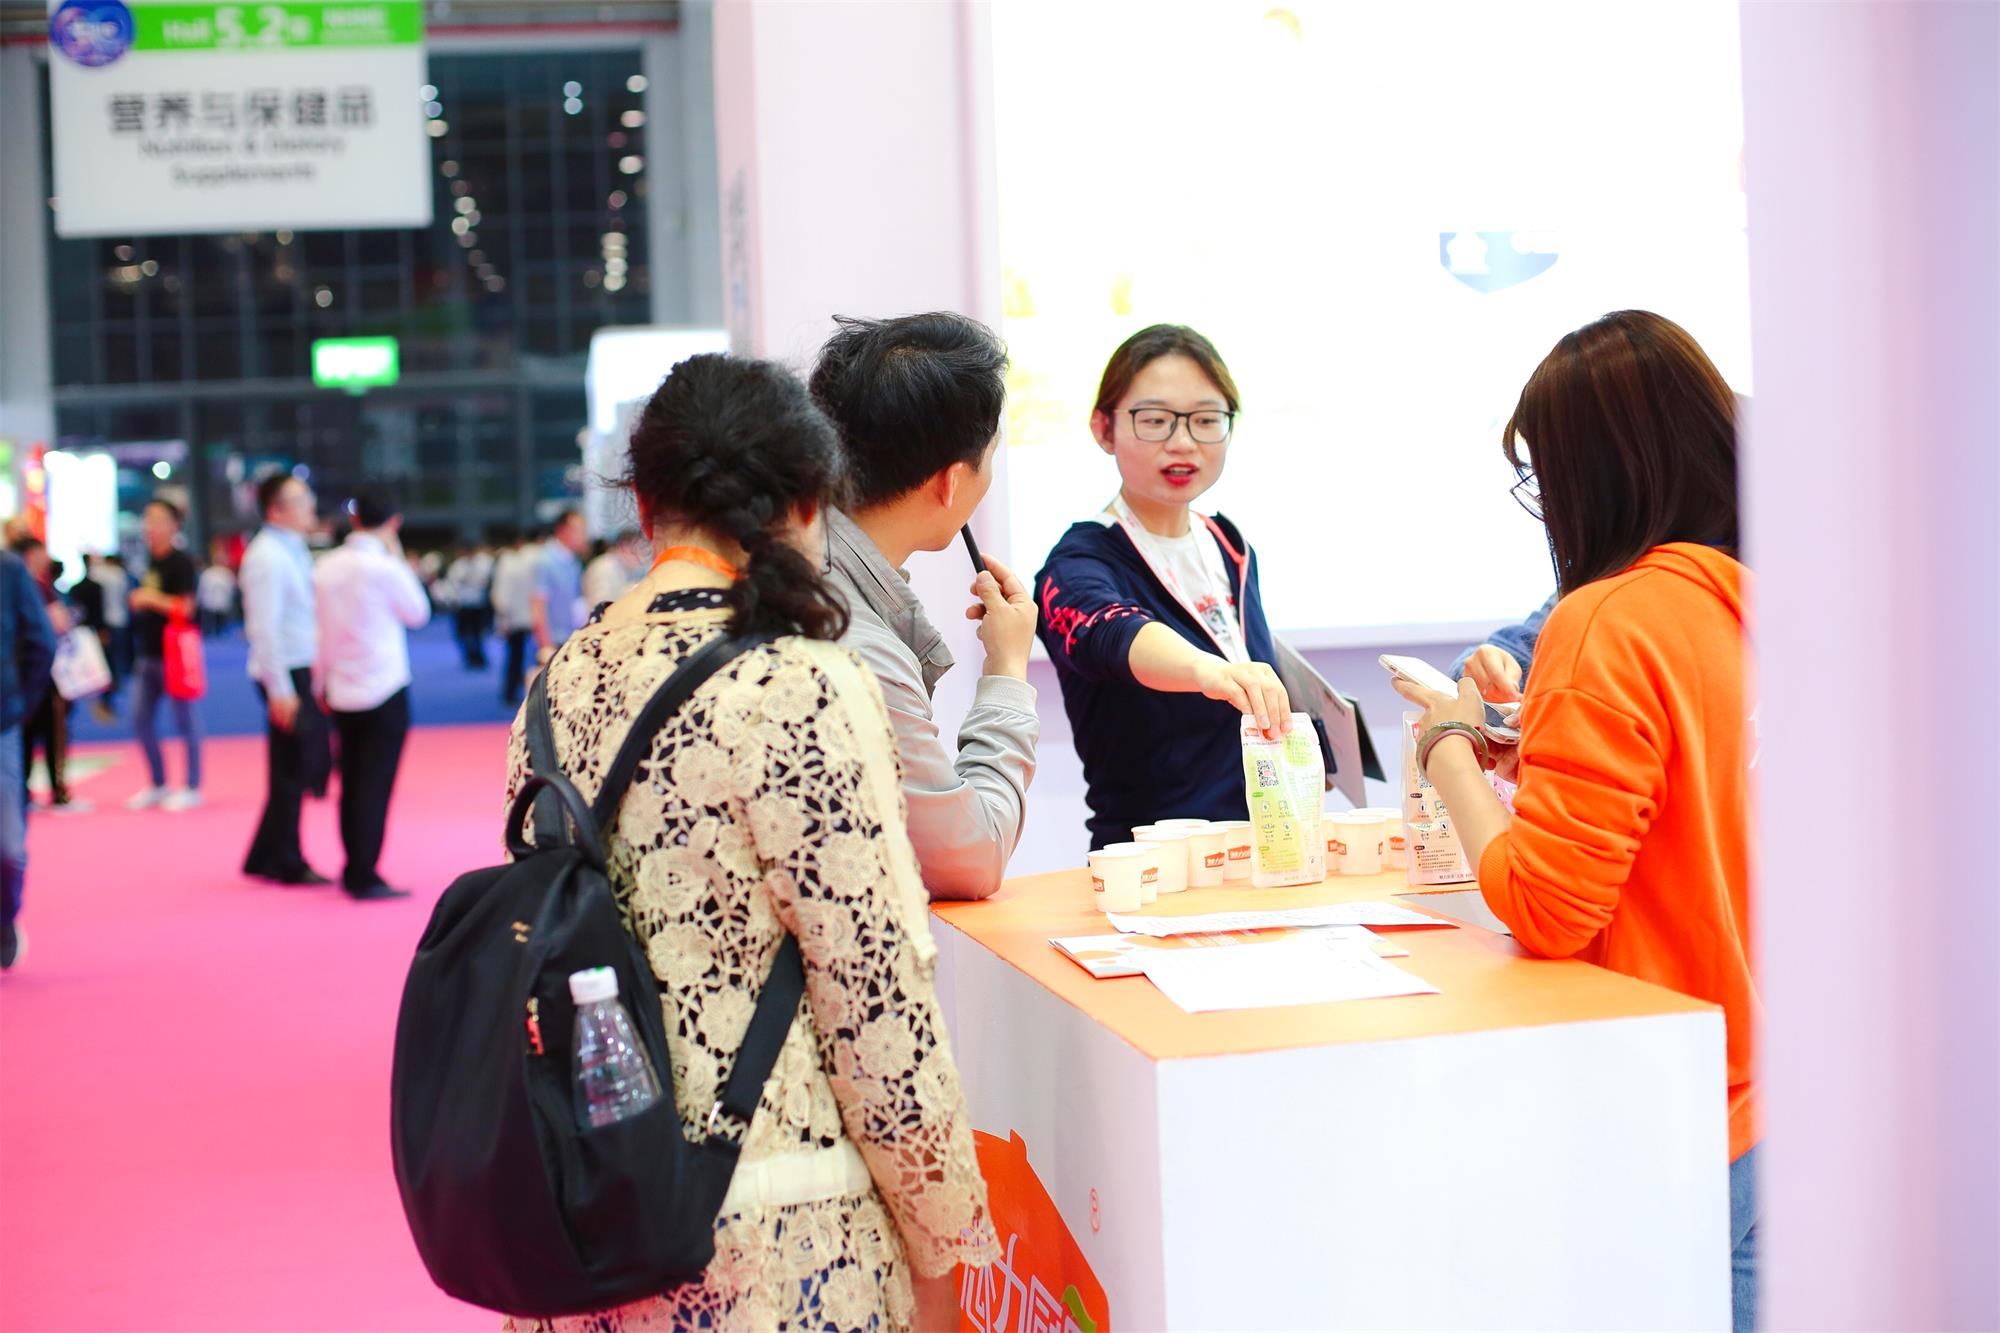 东锦有机食品符合绿色健康的生活潮流